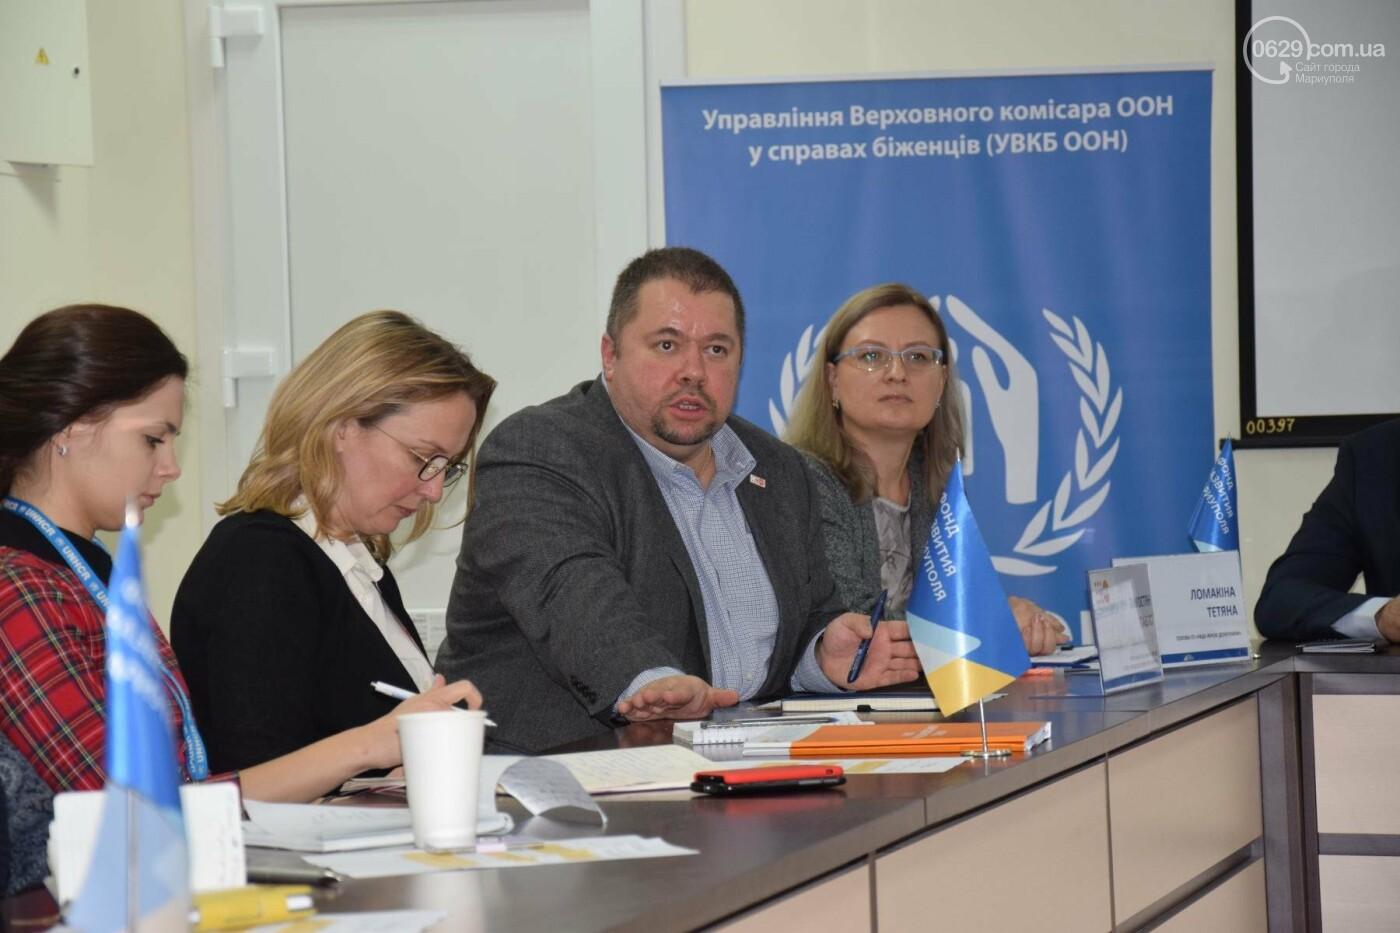 Презентация убежища в Мариуполе завершилась предложением о  воссоздании вытрезвителей (ФОТО, ВИДЕО), фото-12